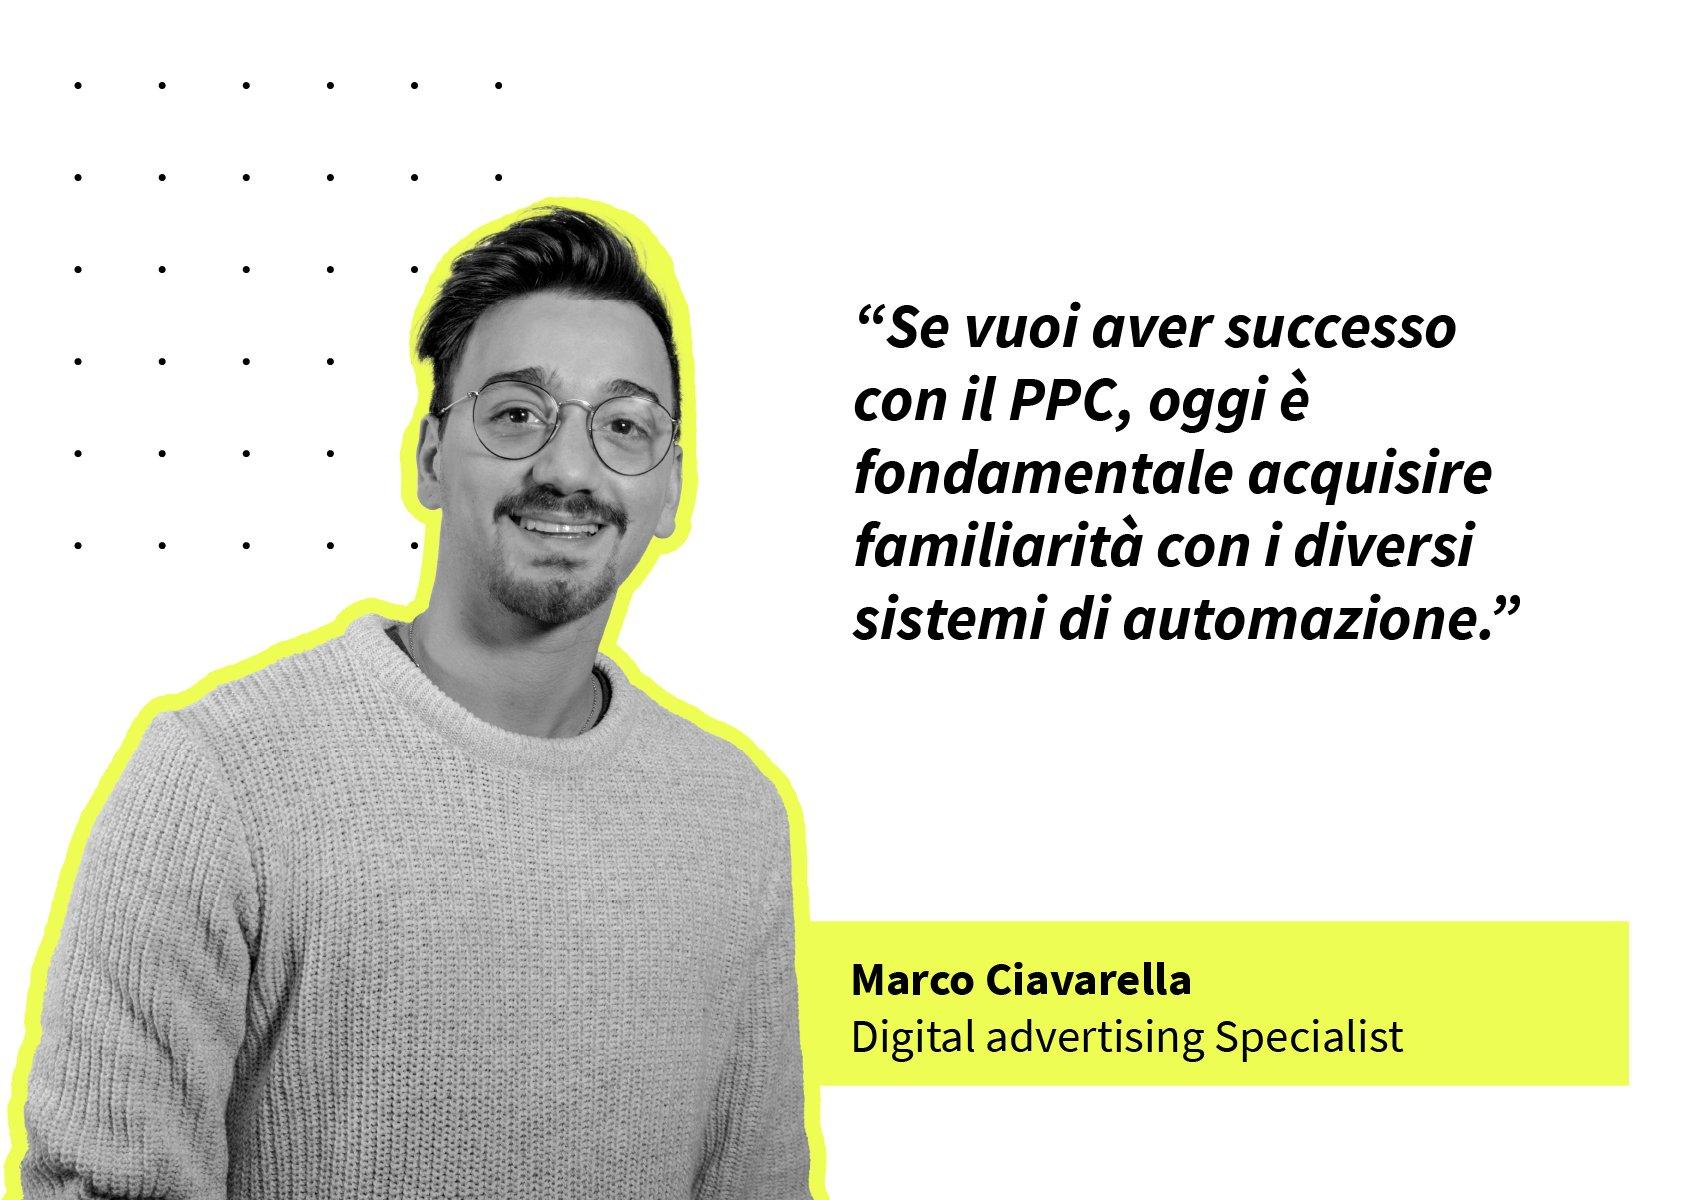 Blog-post-ppc-2021-Citazione_2